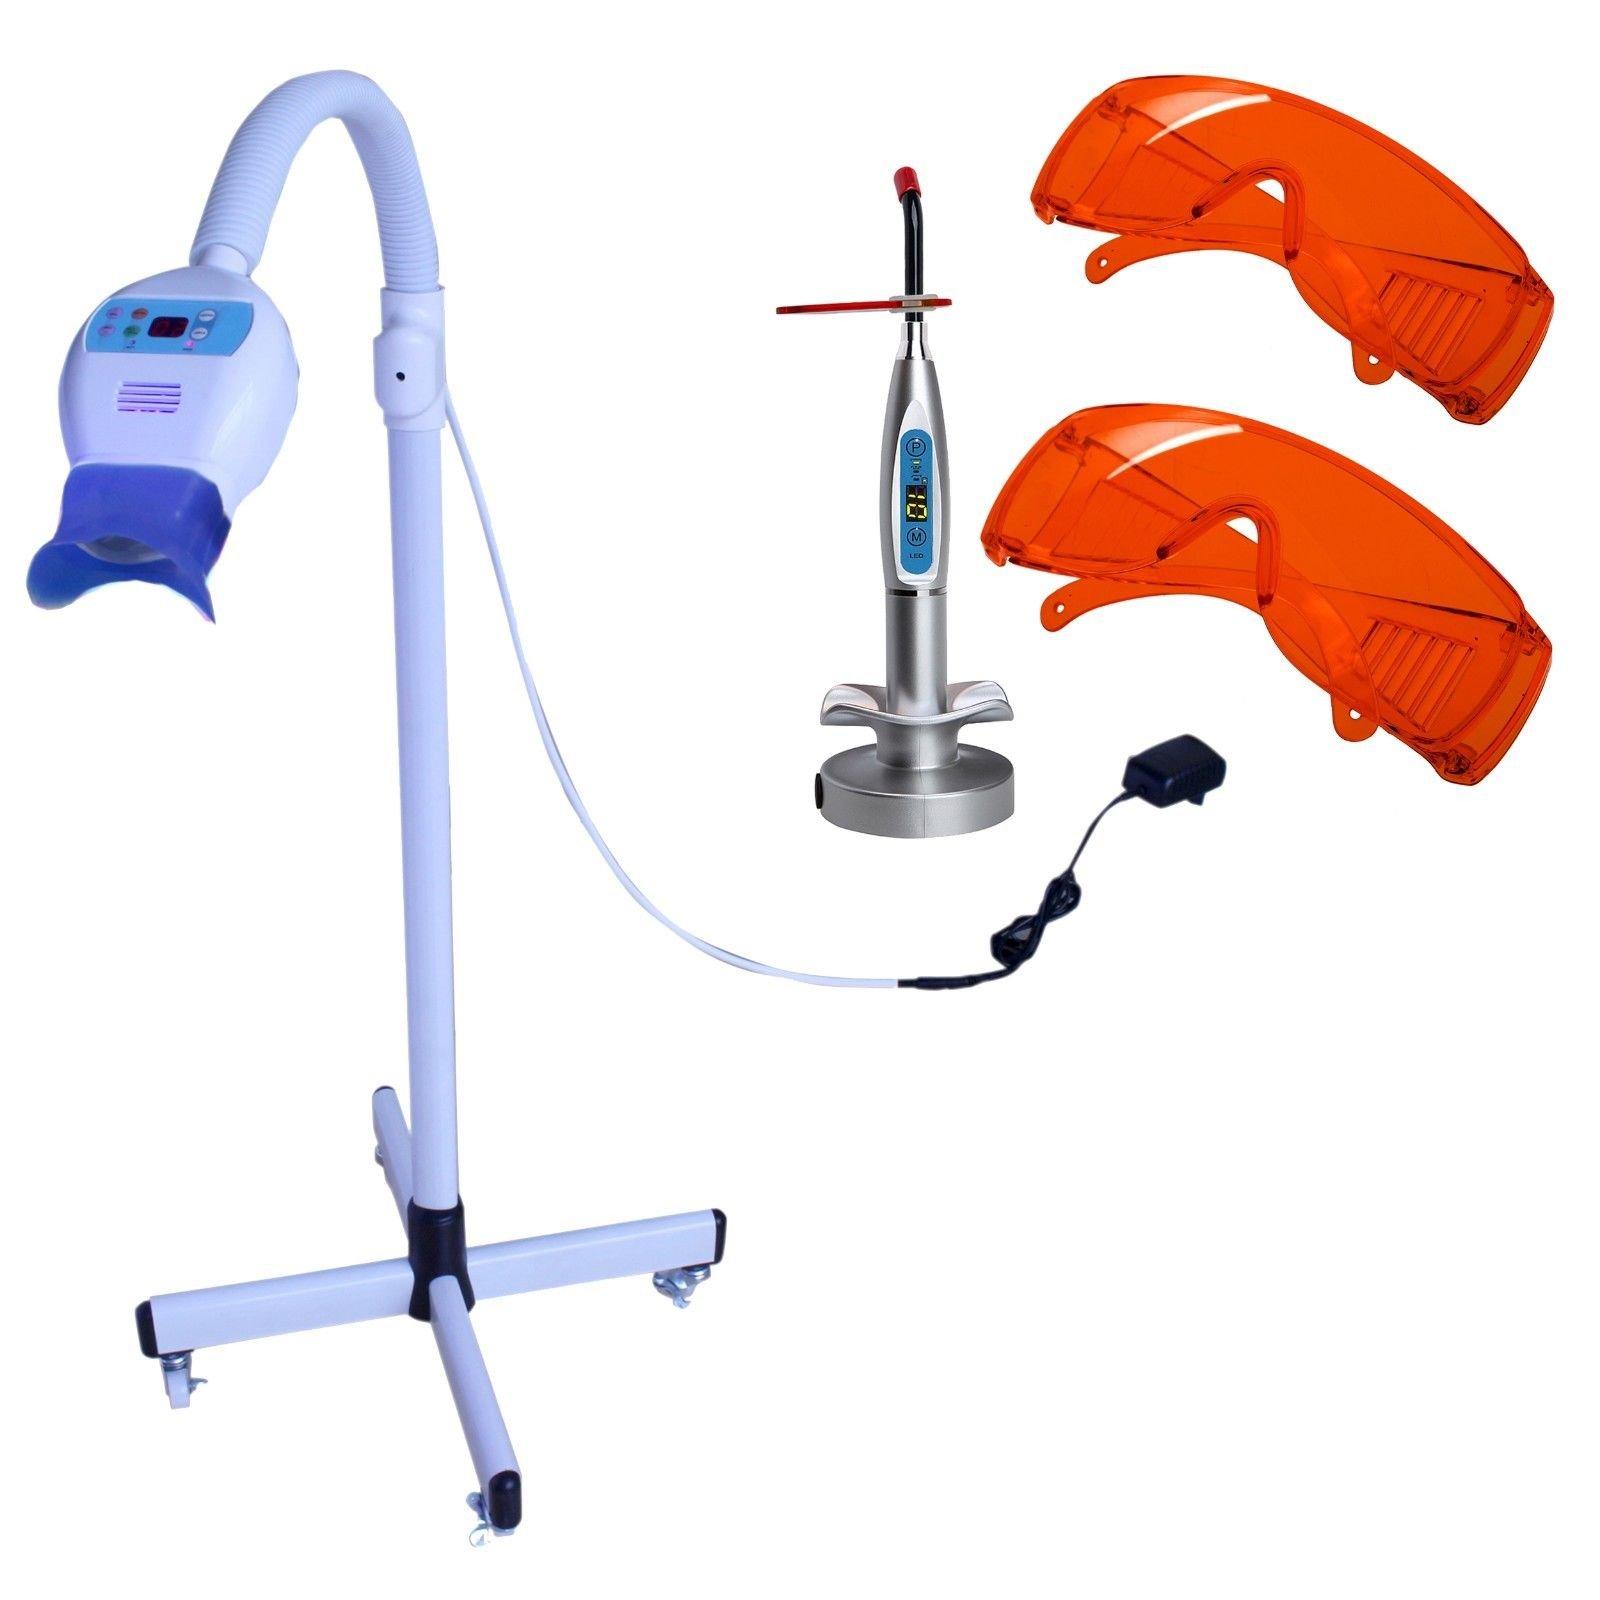 Zgood Dental Floor Type LED Teeth Whitening Light Lamp kit